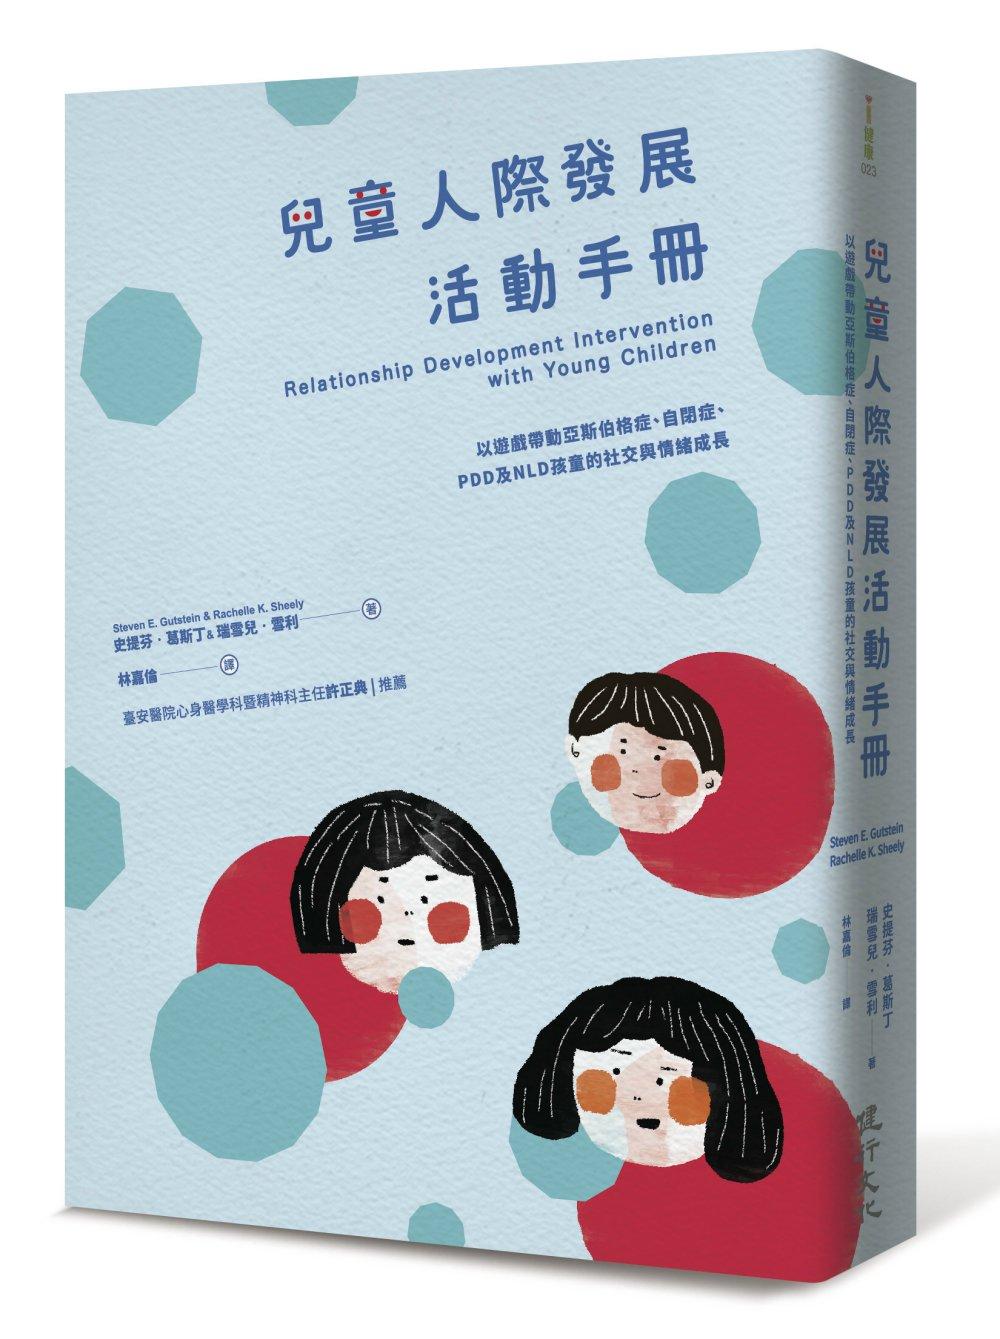 兒童人際發展活動手冊:以遊戲帶動亞斯伯格症、自閉症、PDD及NLD孩童的社交與情緒成長